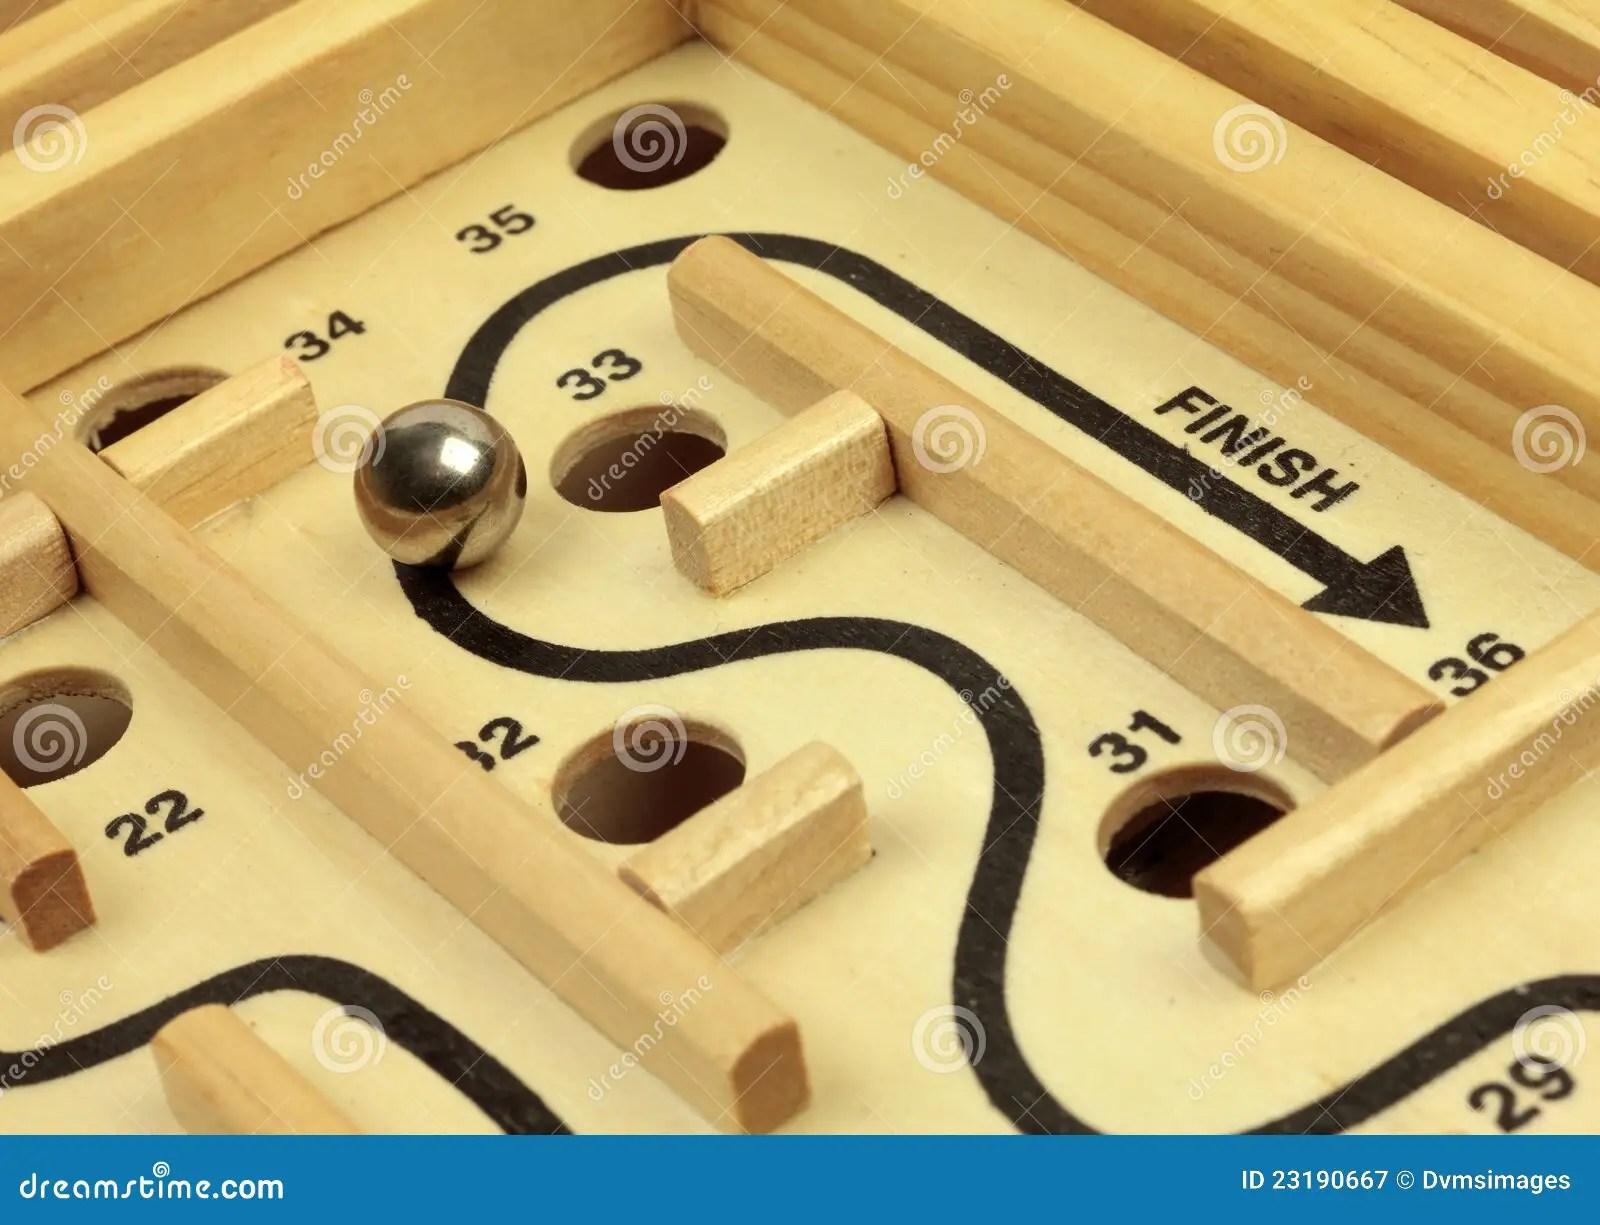 Maze And Ball Game Stock Image Image Of Pitfall Path